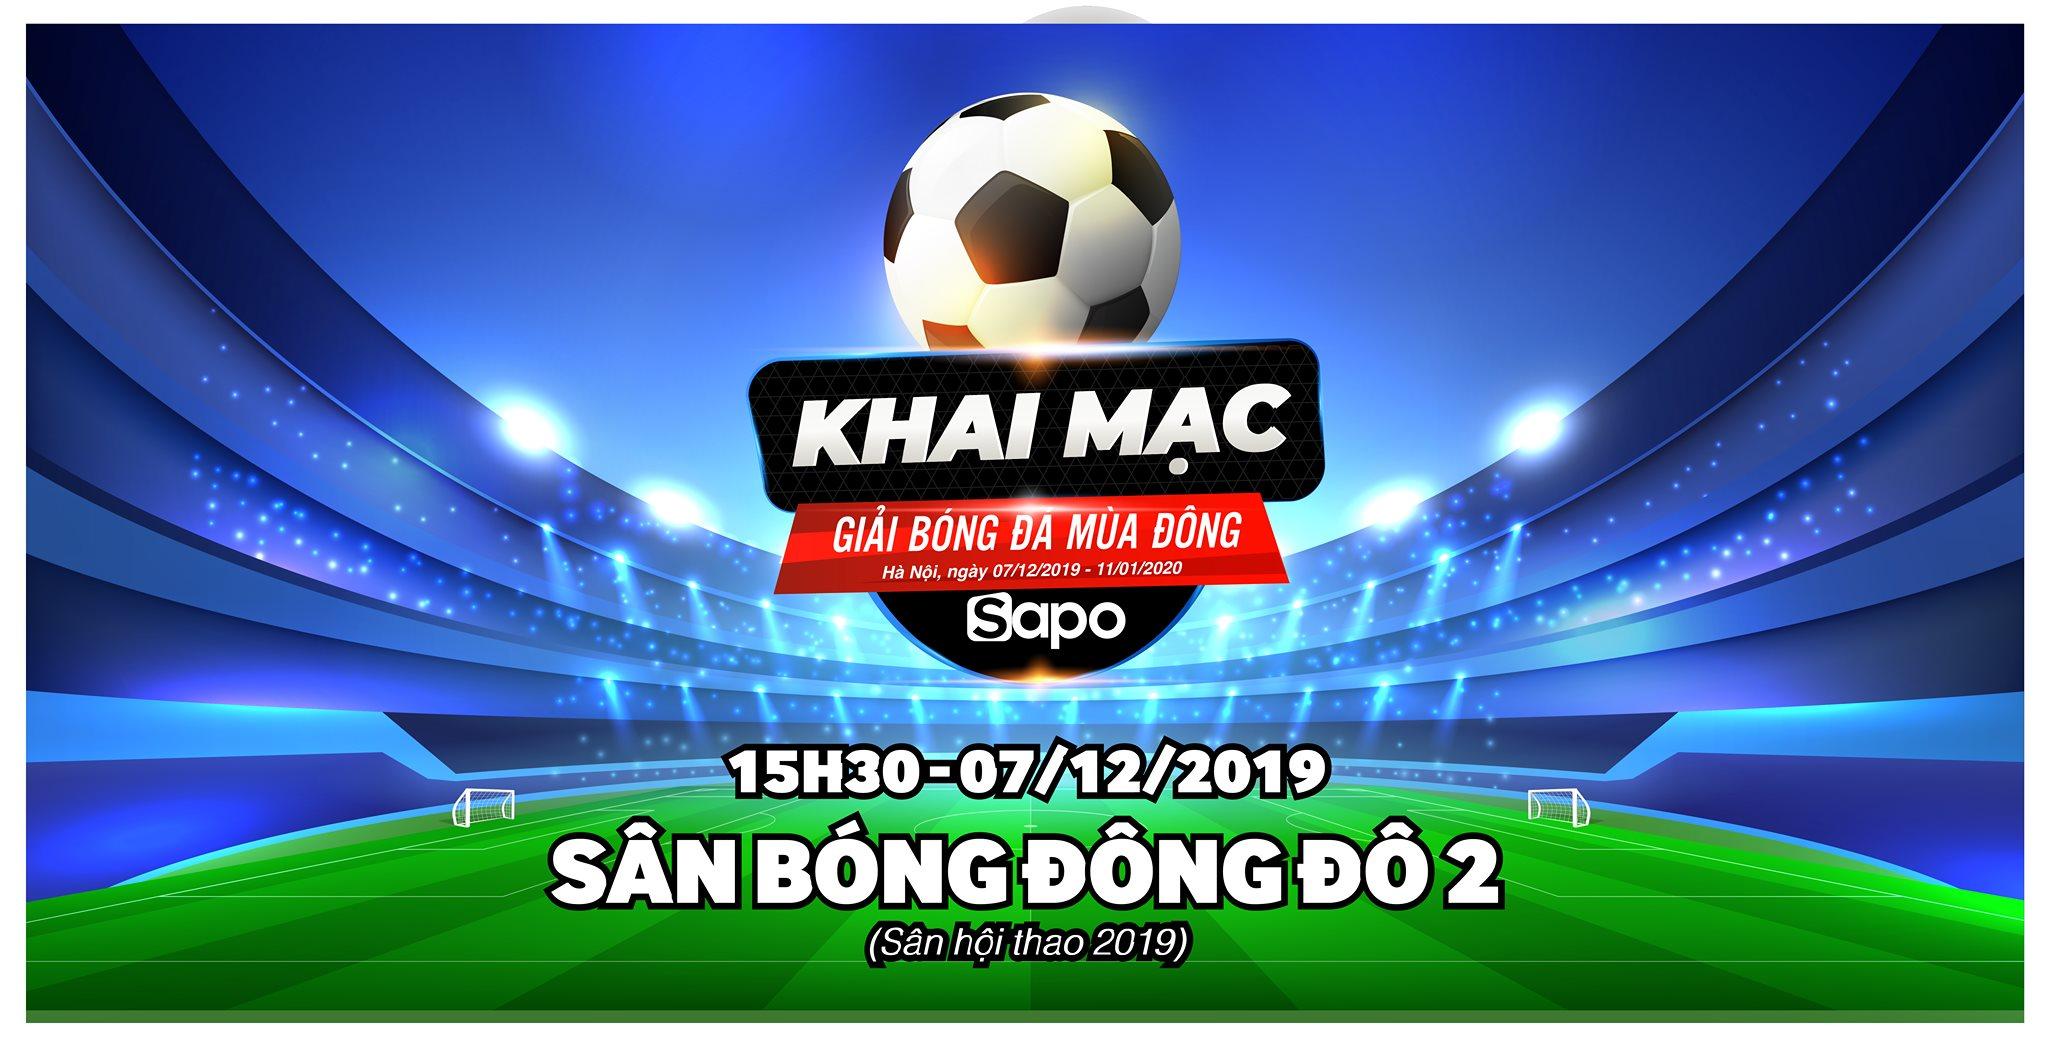 Thông báo: Khai mạc giải bóng đá mùa đông Sapo - Hà Nội